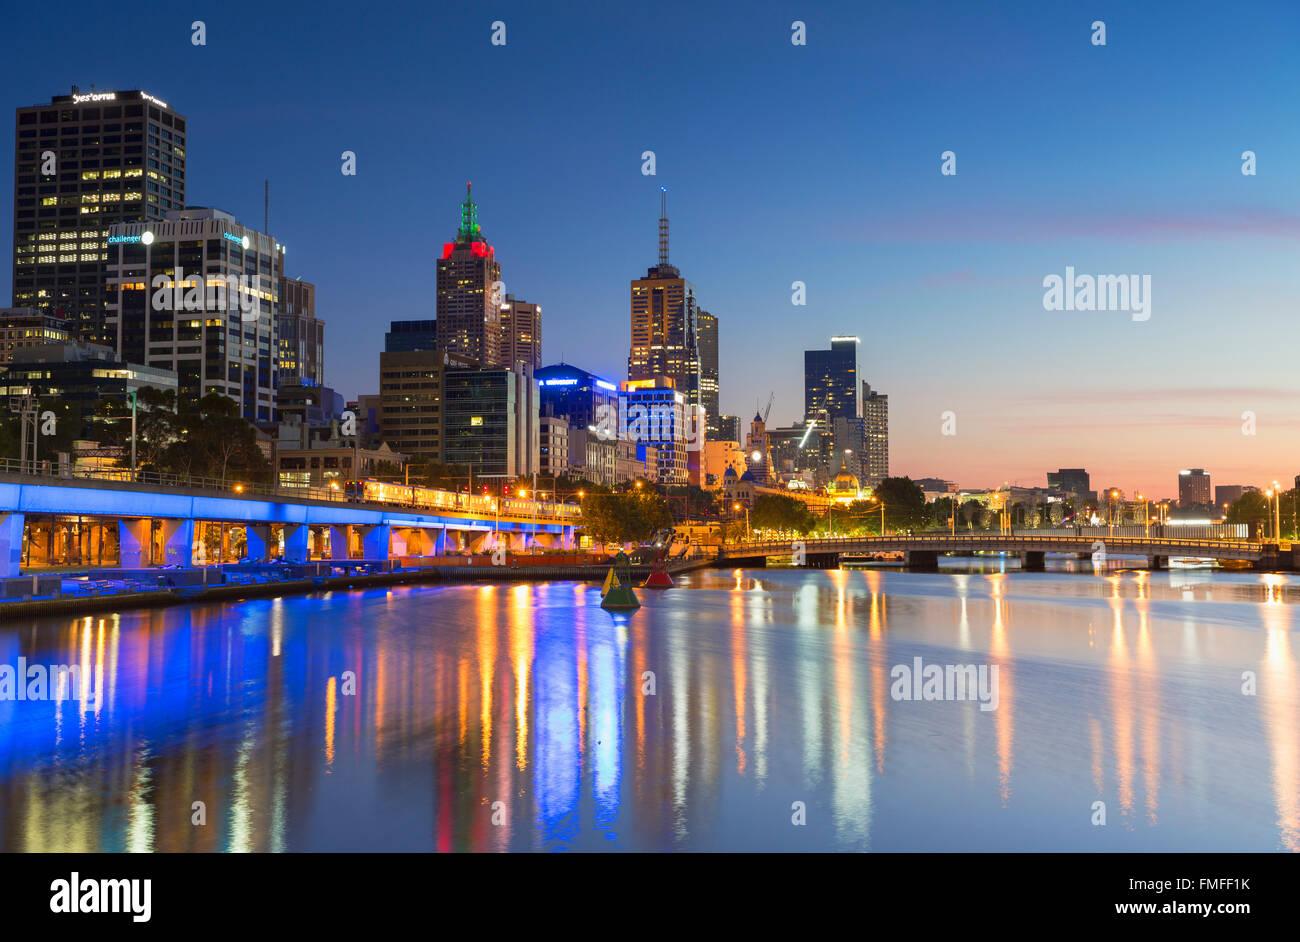 Skyline lungo il fiume Yarra all'alba, Melbourne, Victoria, Australia Immagini Stock